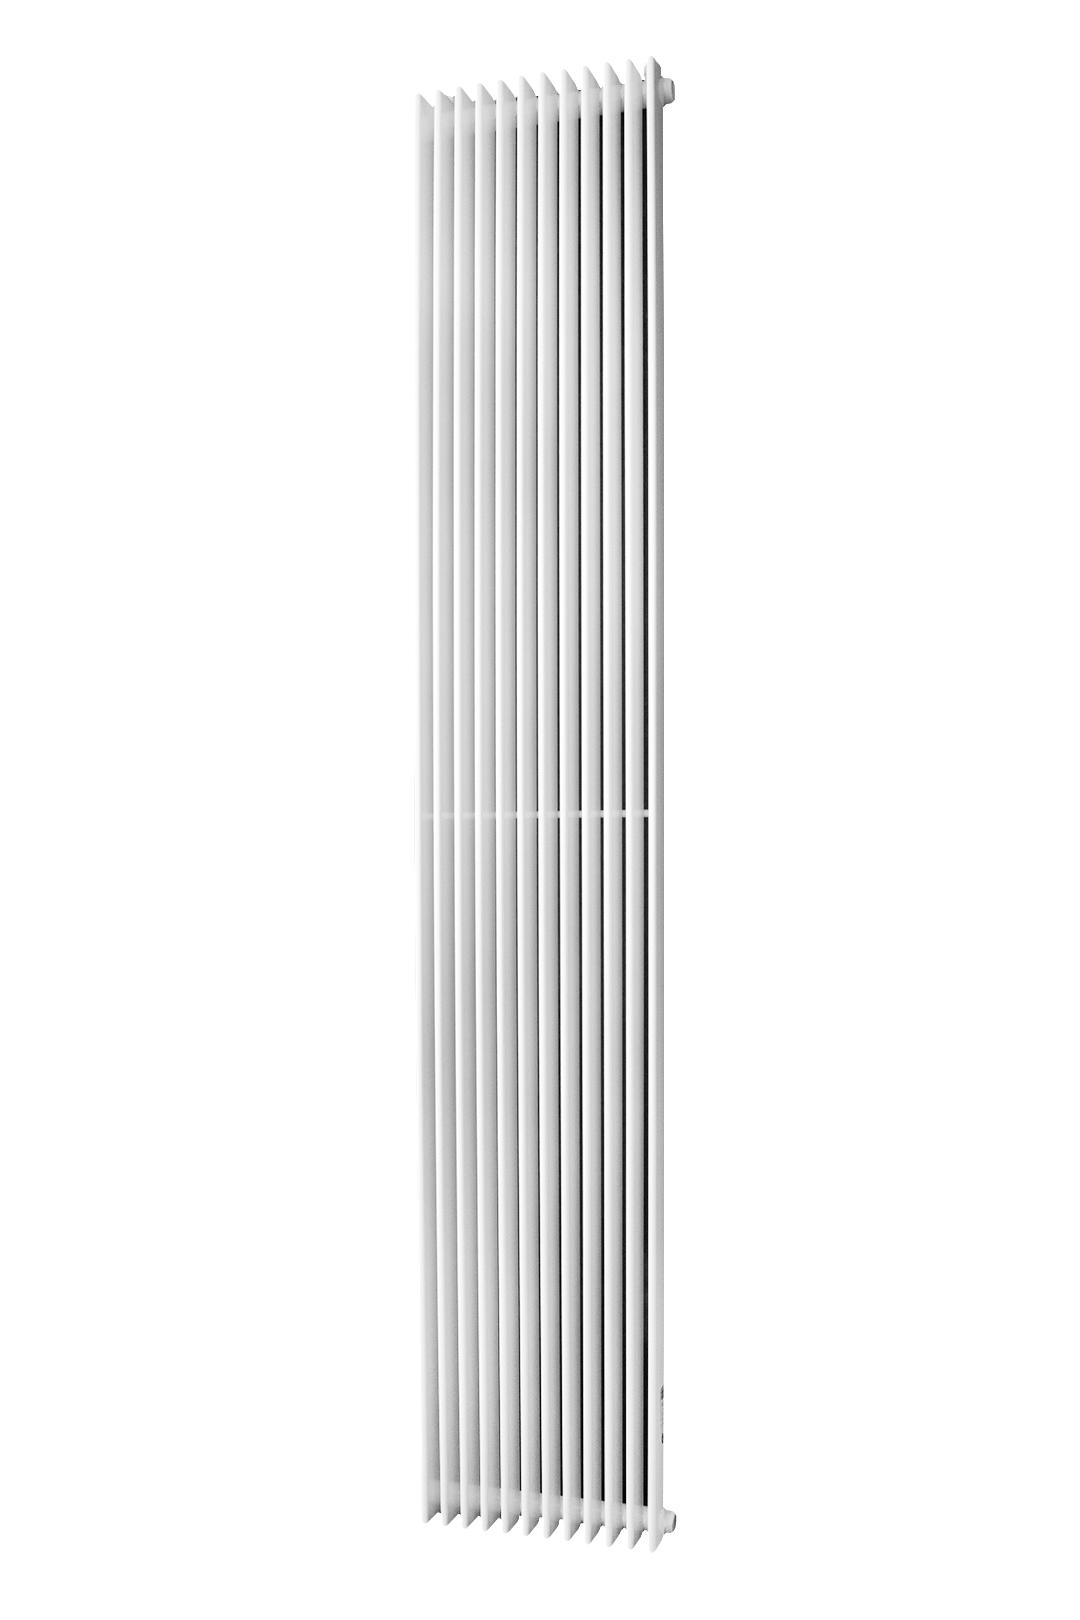 Full Size of Vasco Heizkörper Designer Heizung Heizkrper 210x50cm Nvr1 M Sonderangebot Bad Für Elektroheizkörper Badezimmer Wohnzimmer Wohnzimmer Vasco Heizkörper